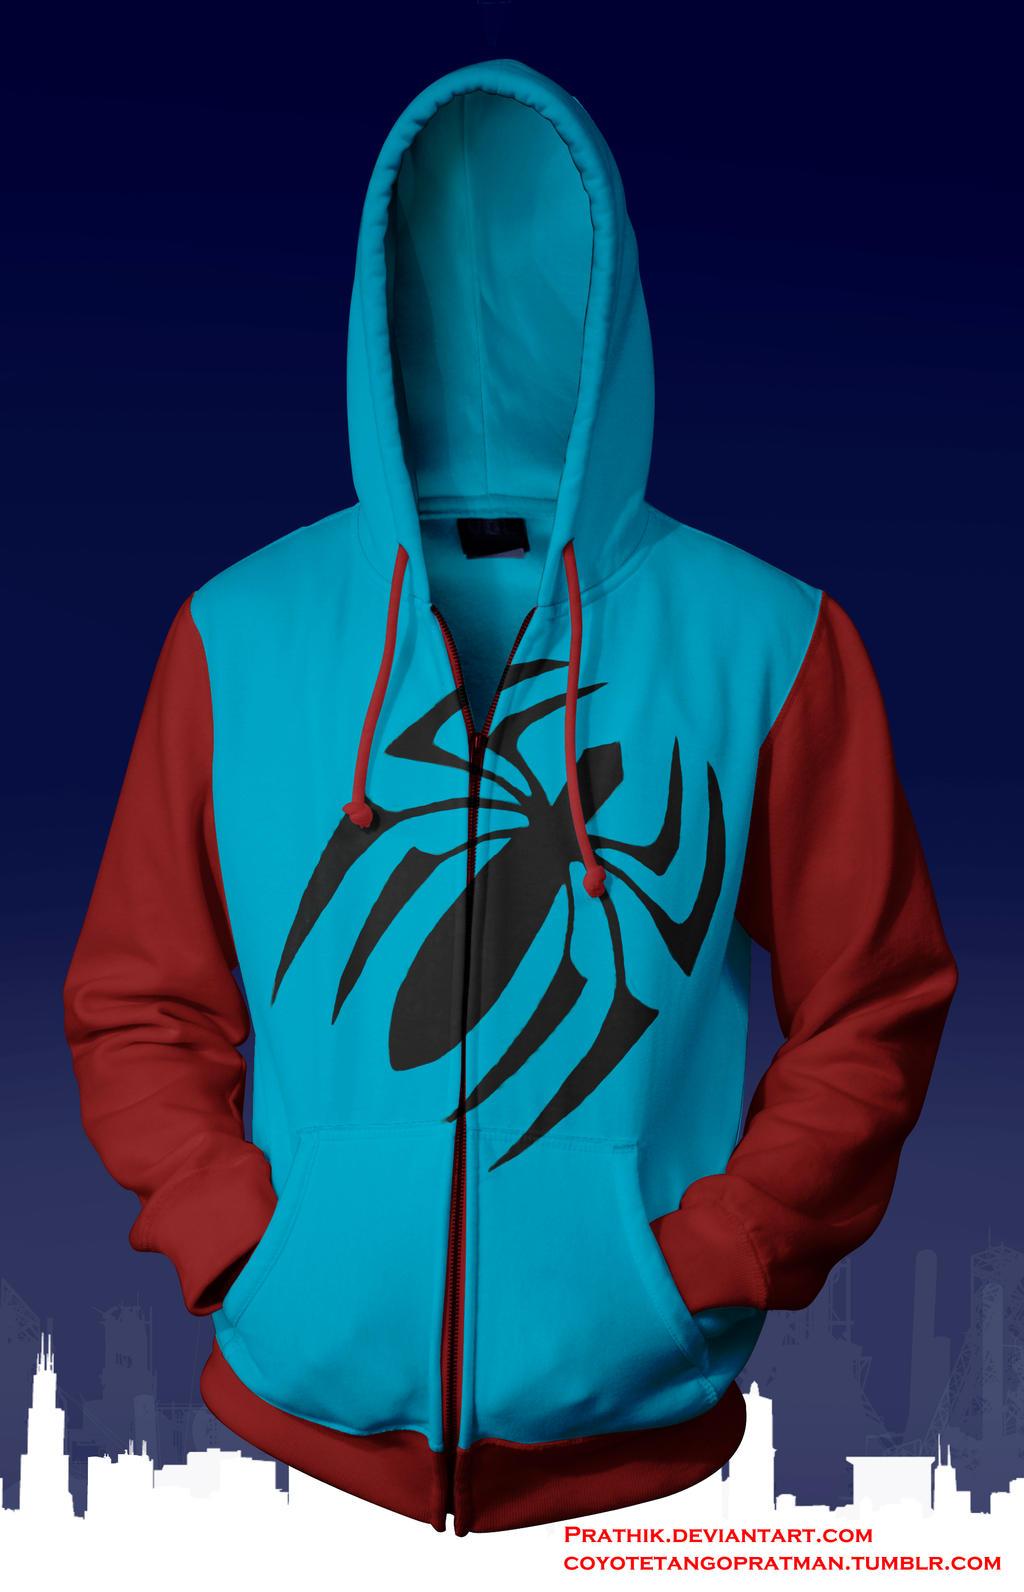 Scarlet Spider (Ben Reilly) Hoodie by prathik